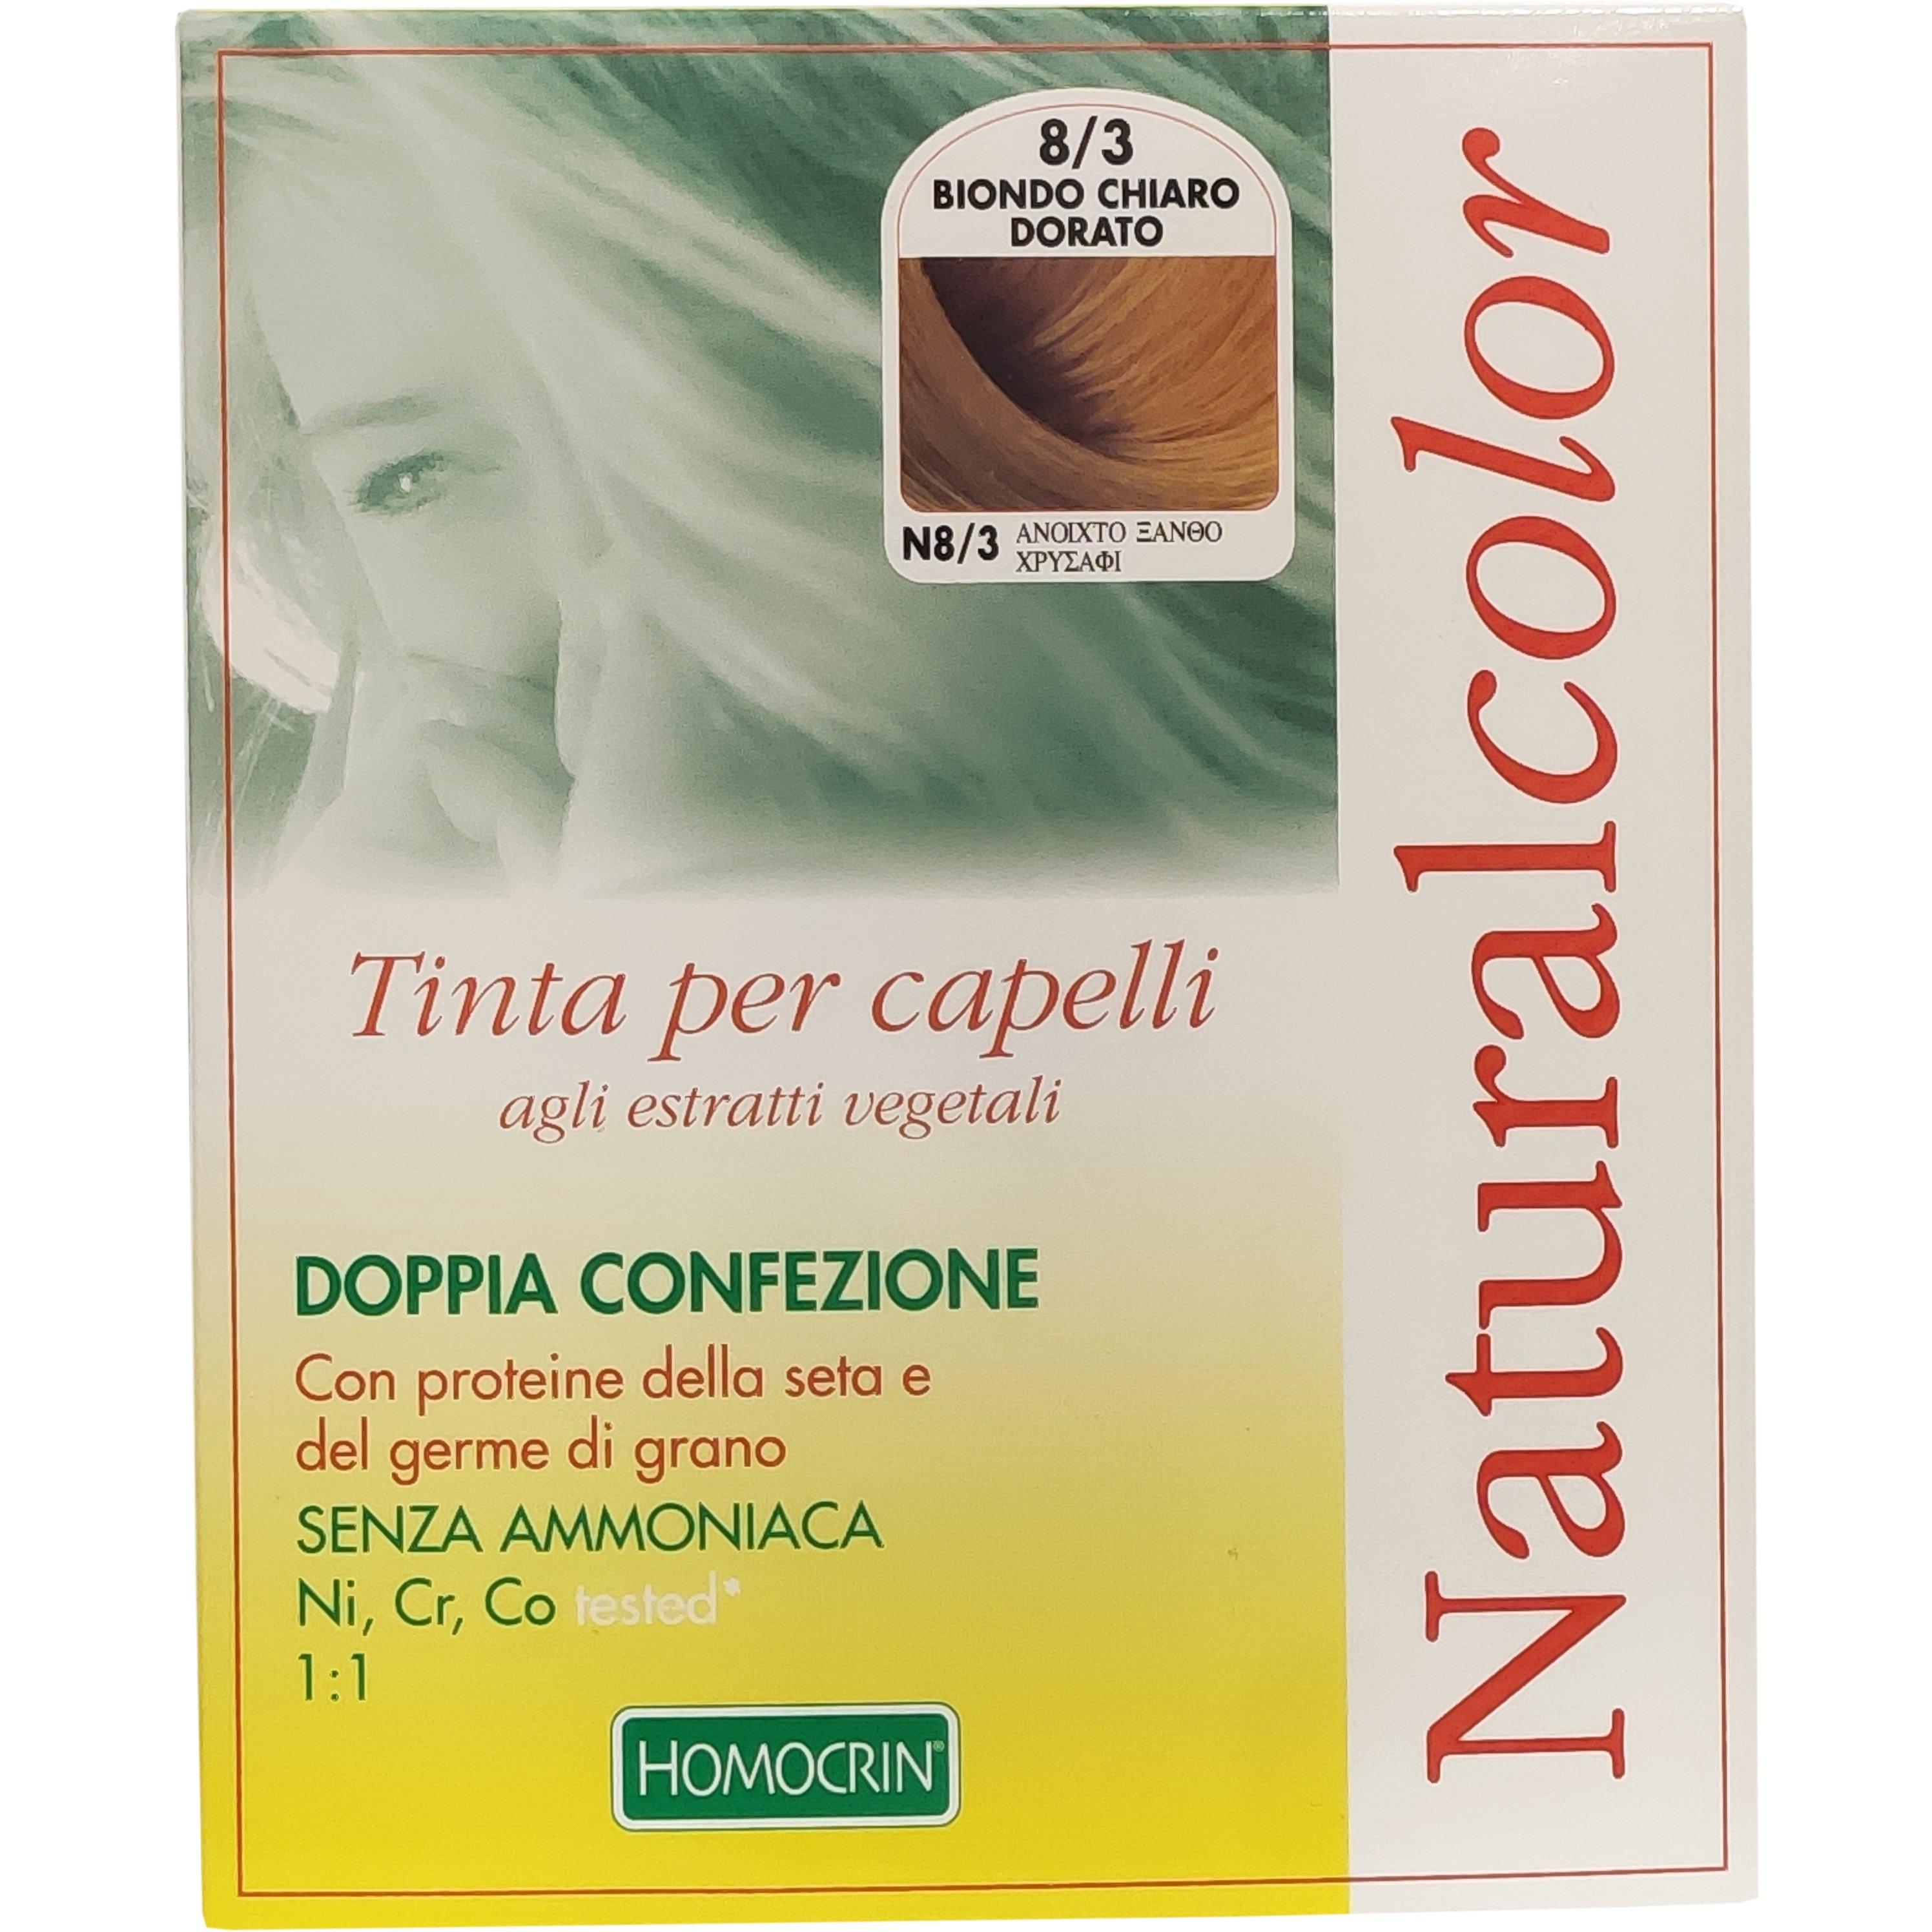 Specchiasol Homocrin Natural Color Φυτική Βαφή Μαλλιών Χωρίς Αμμωνία 1 Τεμάχιο – Ν8/3 Ανοιχτό Ξανθό Χρυσαφί